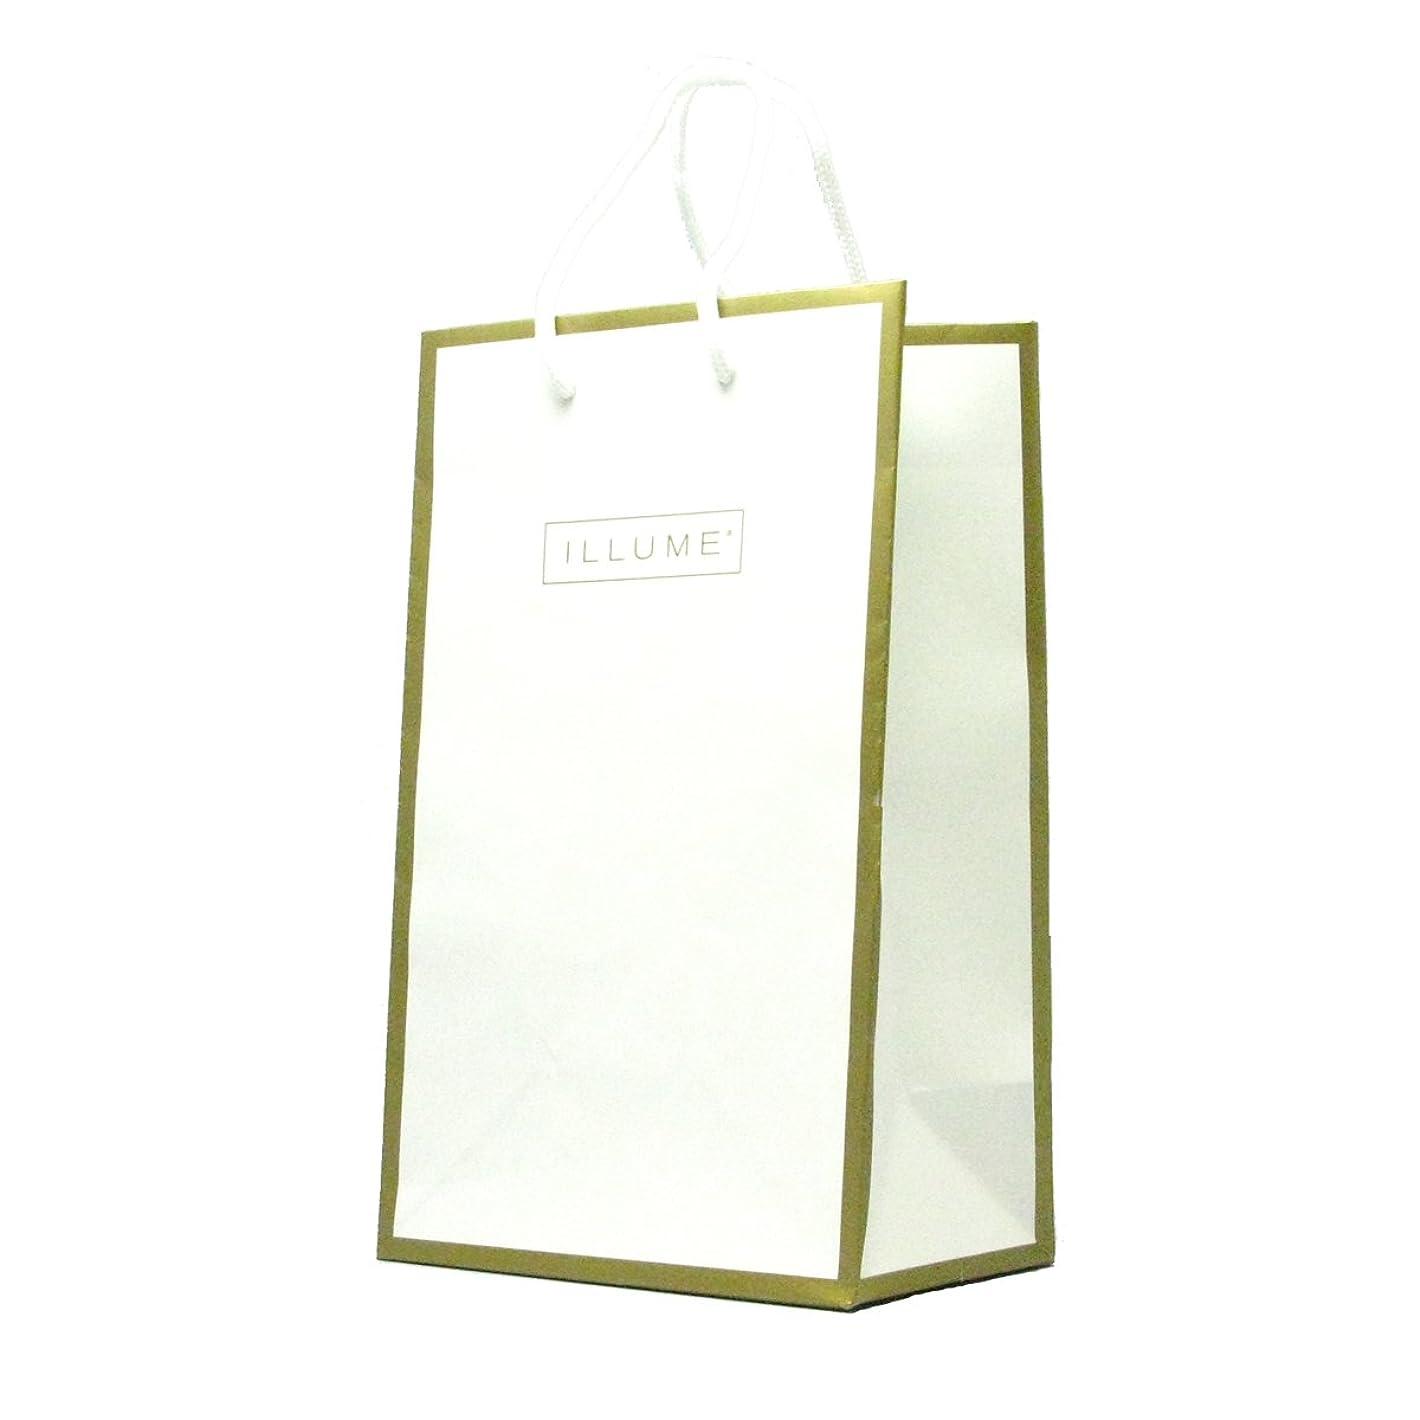 スキル一人で預言者イリューム(ILLUME) ギフトバッグ(Gift Bag) (ILLUMEギフトバッグ)